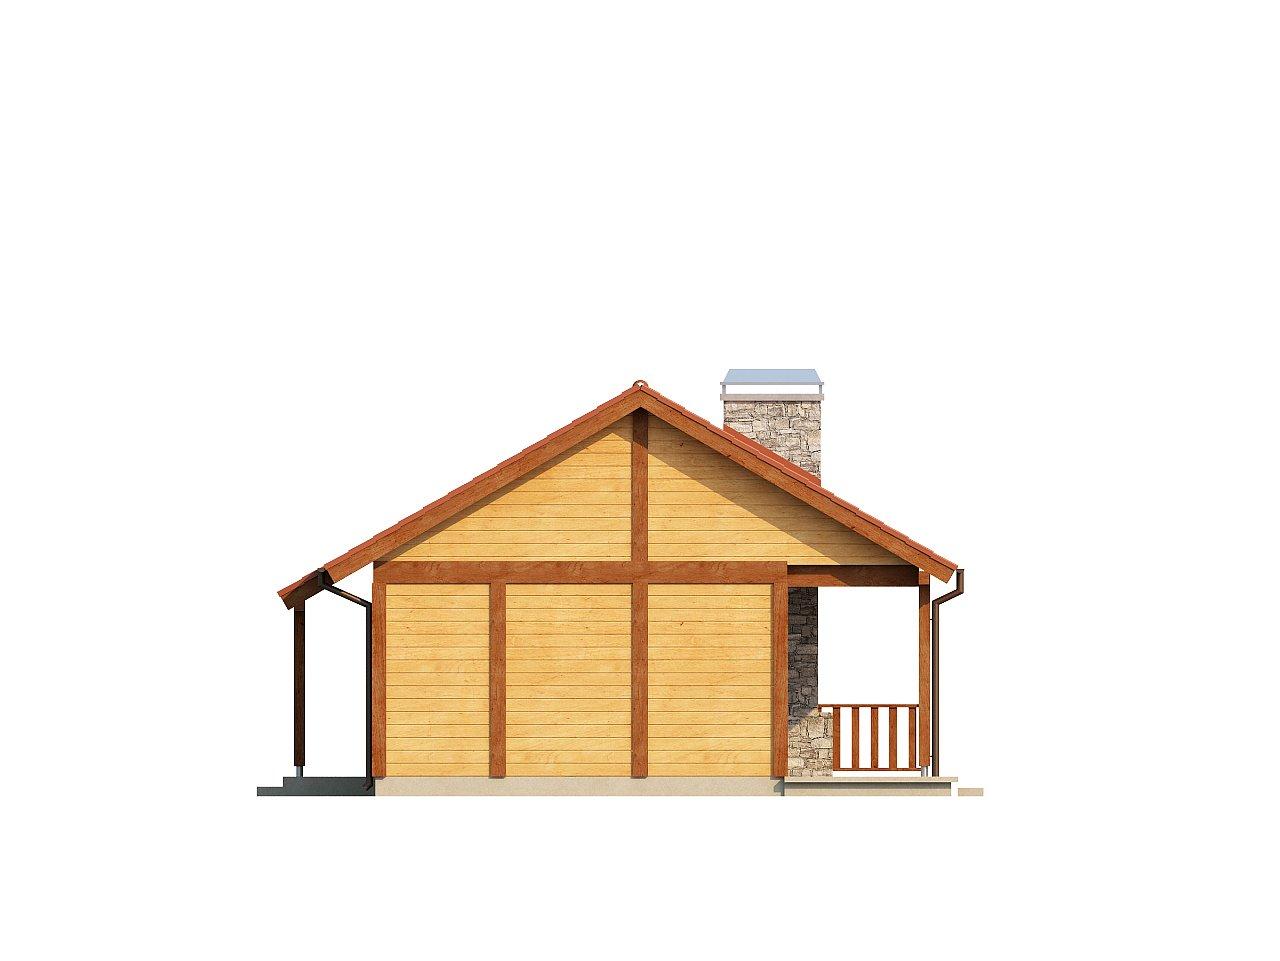 Маленький одноэтажный дом, оснащенный всем необходимым для круглогодичного проживания. - фото 15